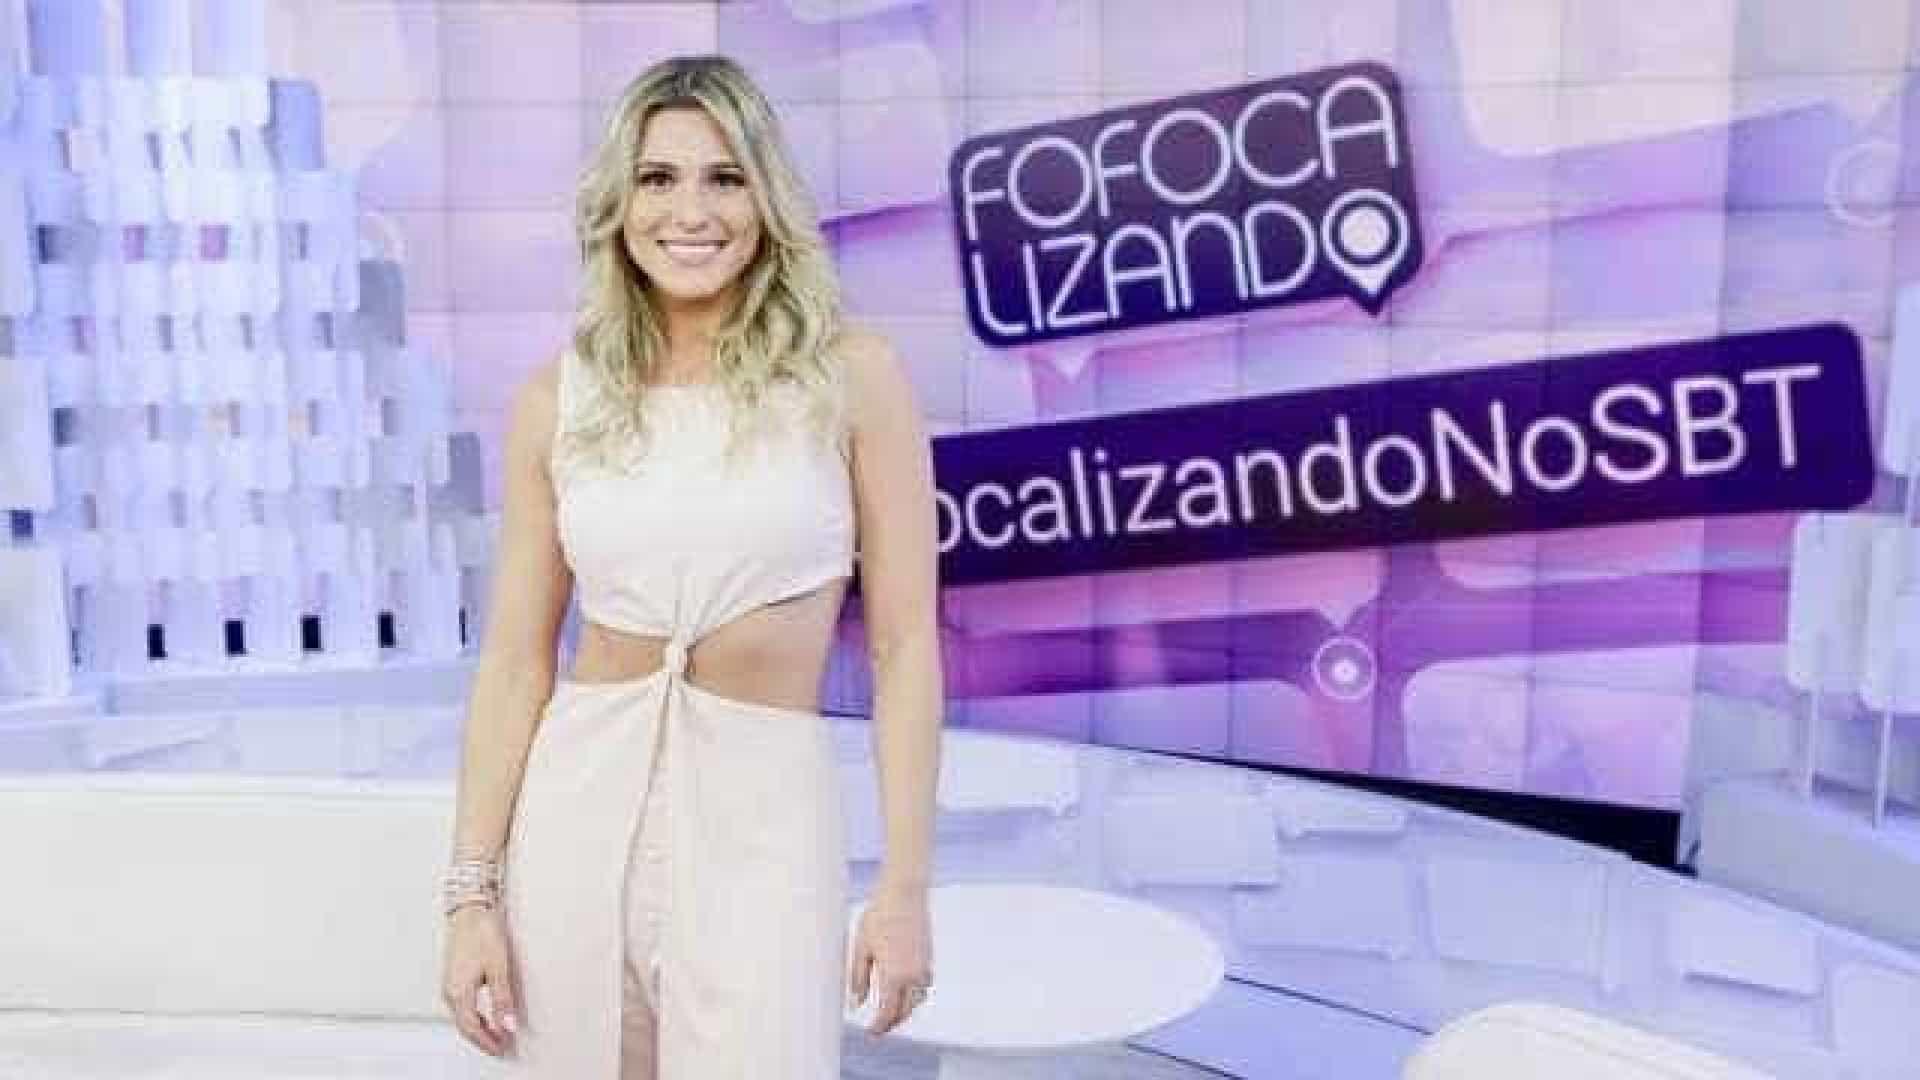 naom 5a59ee601d8f9 - Lívia Andrade lamenta não ter se despedido de Silvio Santos em sua saída do SBT